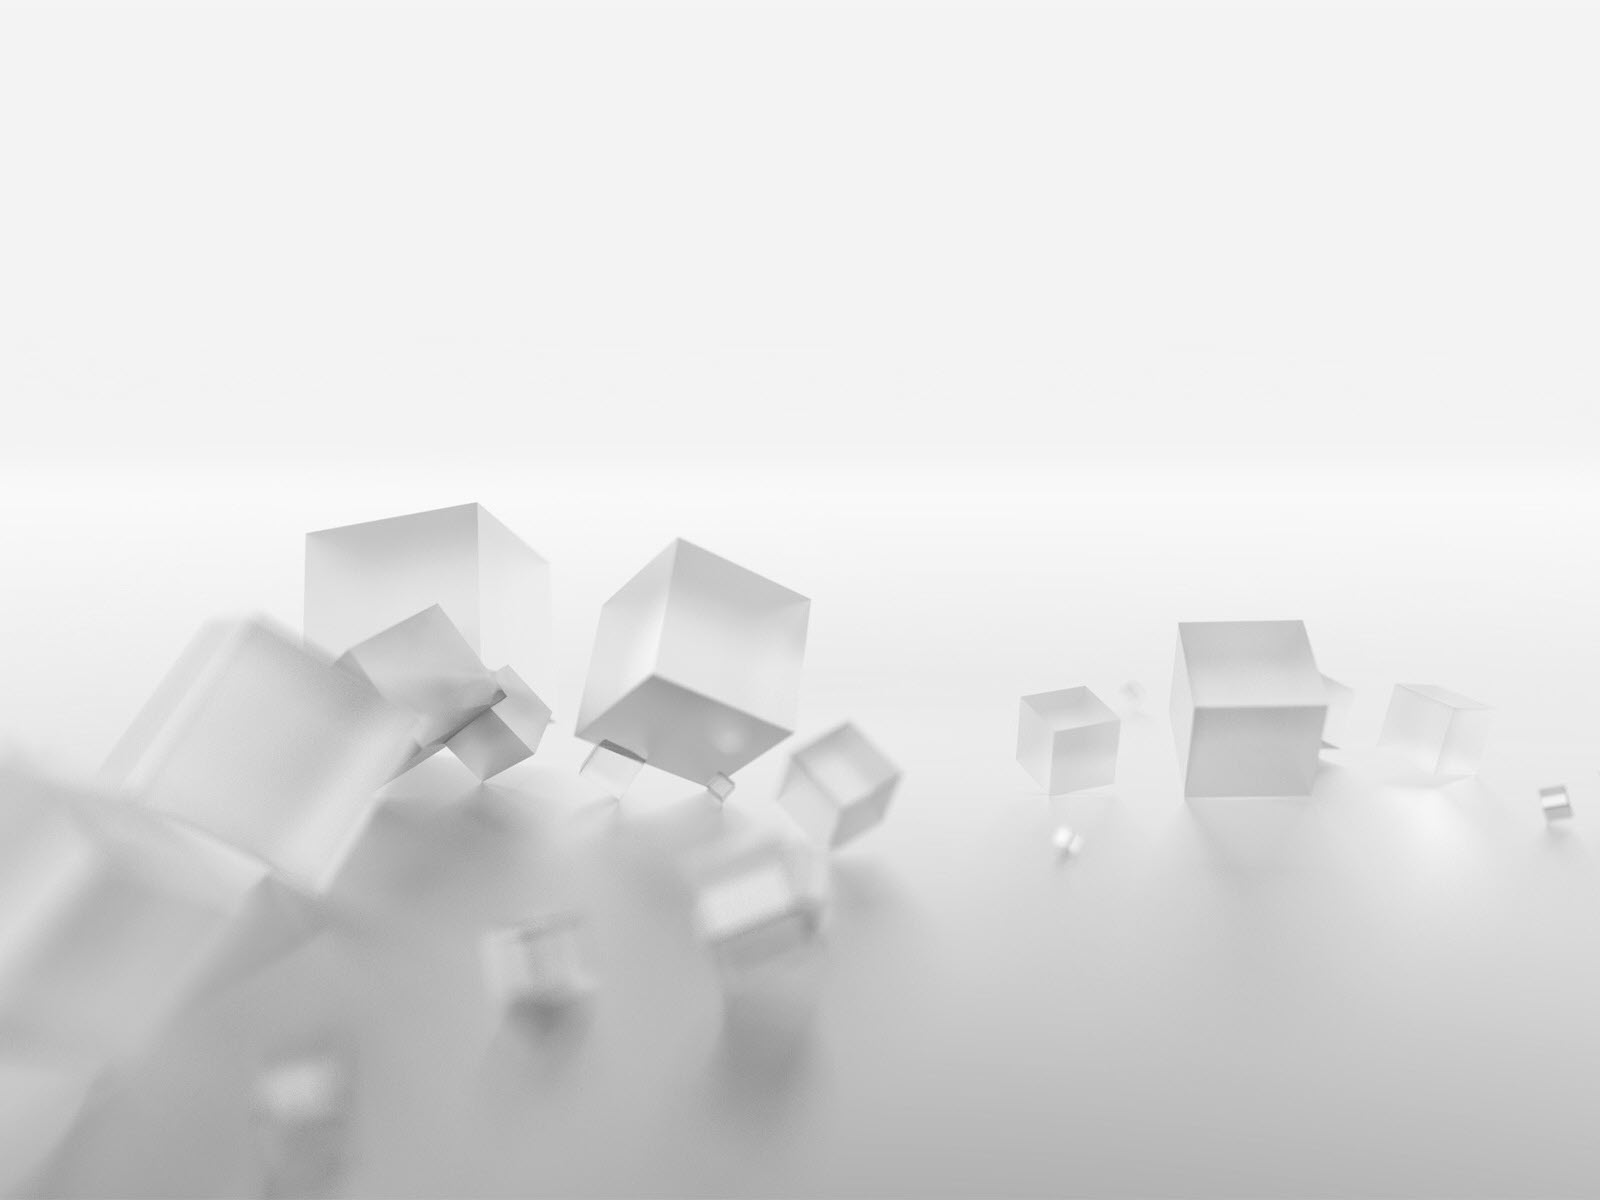 Những Hình nền powerpoint màu trắng đẹp